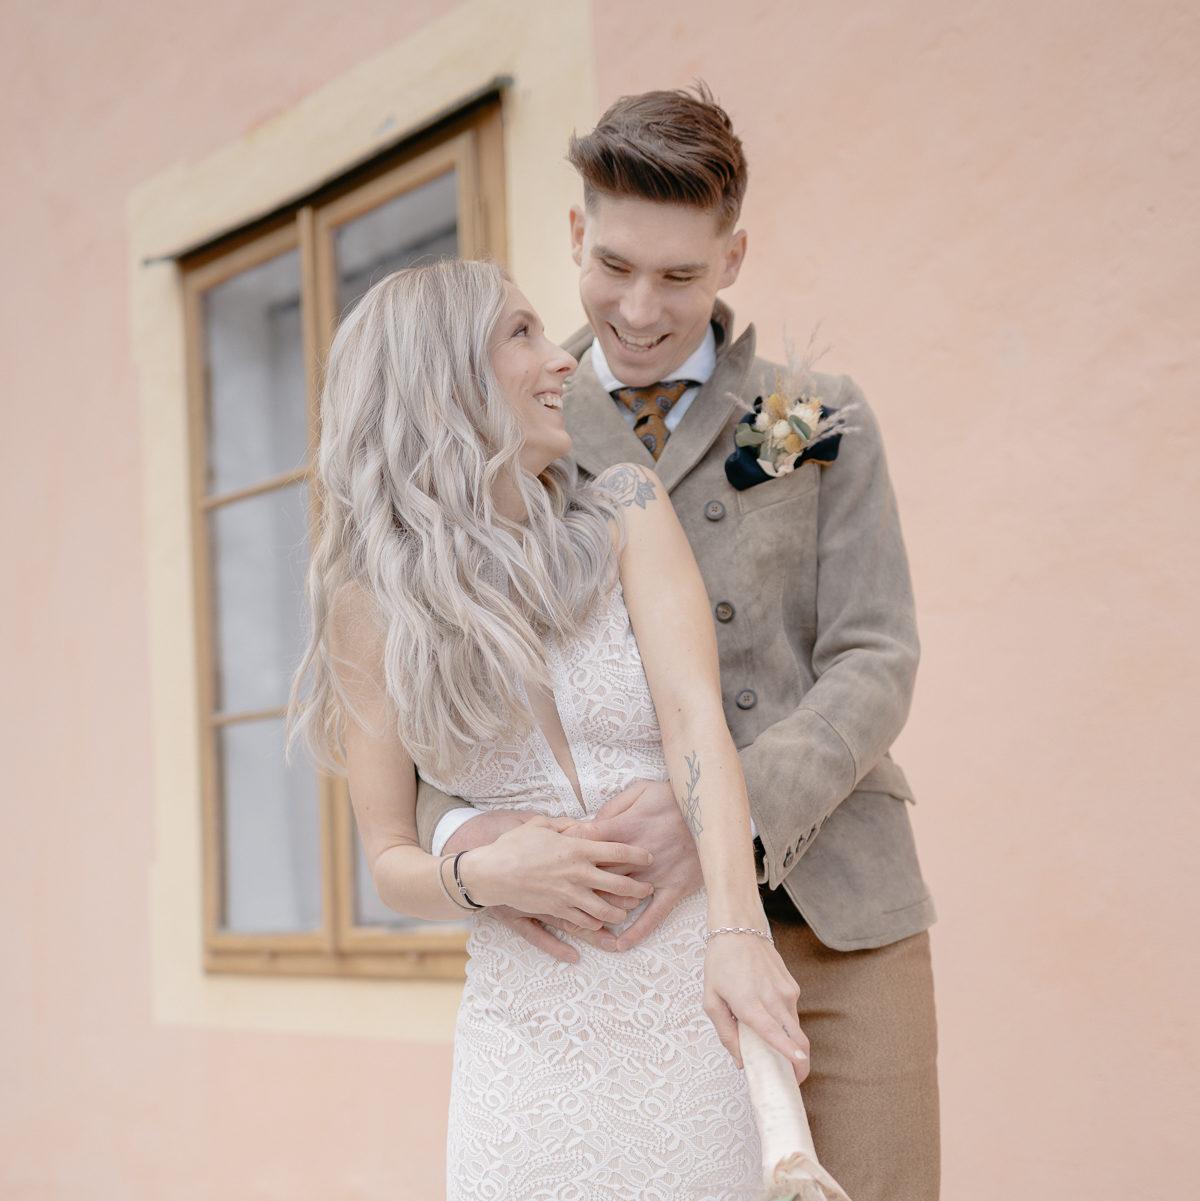 lachendes Brautpaar, glückliches Brautpaar, Elopement, Bohohochzeit, Vintagehochzeit